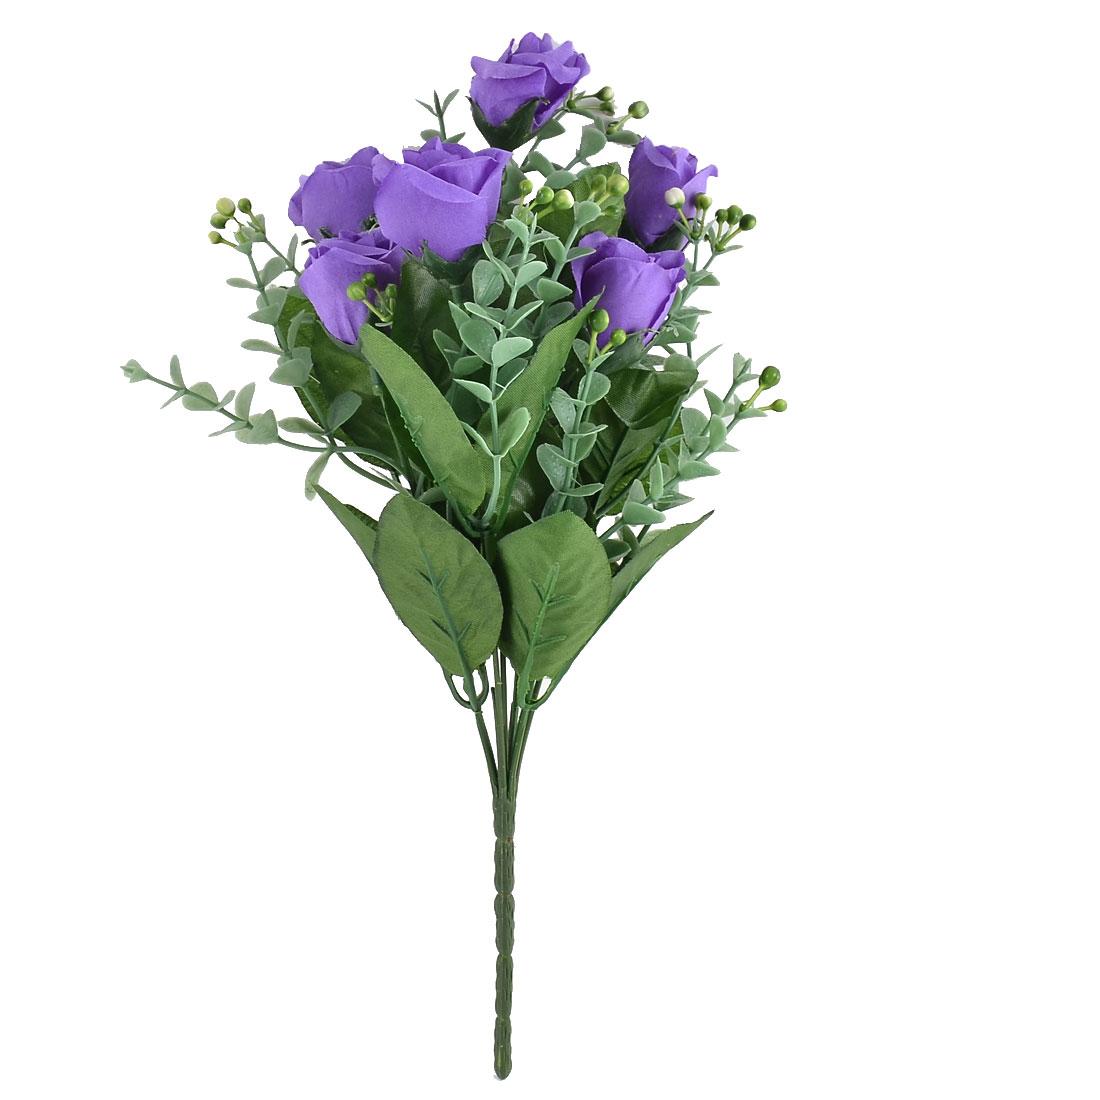 Festival Wedding Garden 7 Heads Flower Blossom Artificial Rose Bouquet Purple